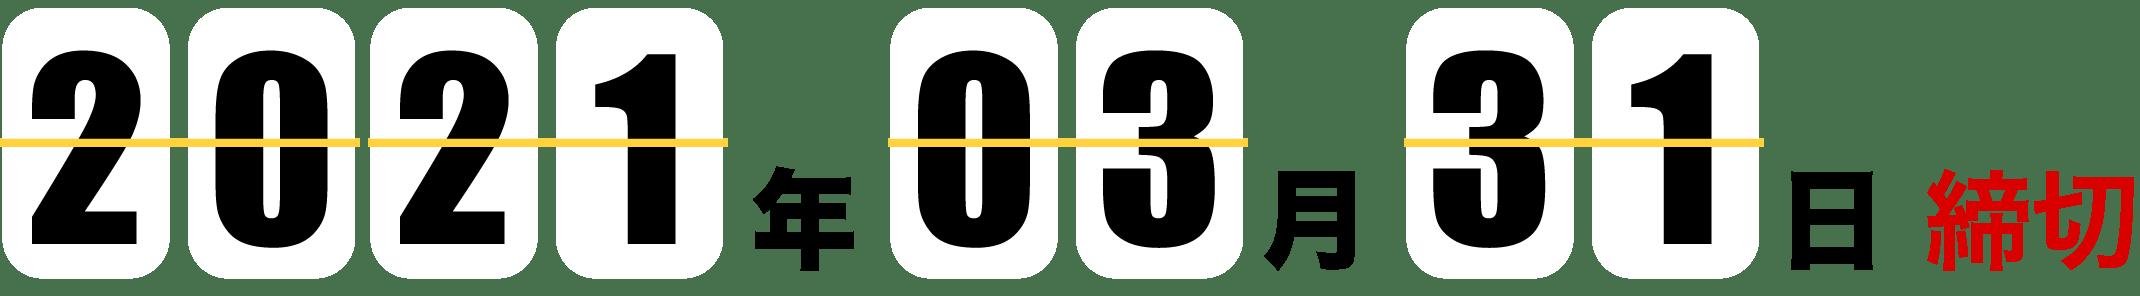 2020年6月30日締切